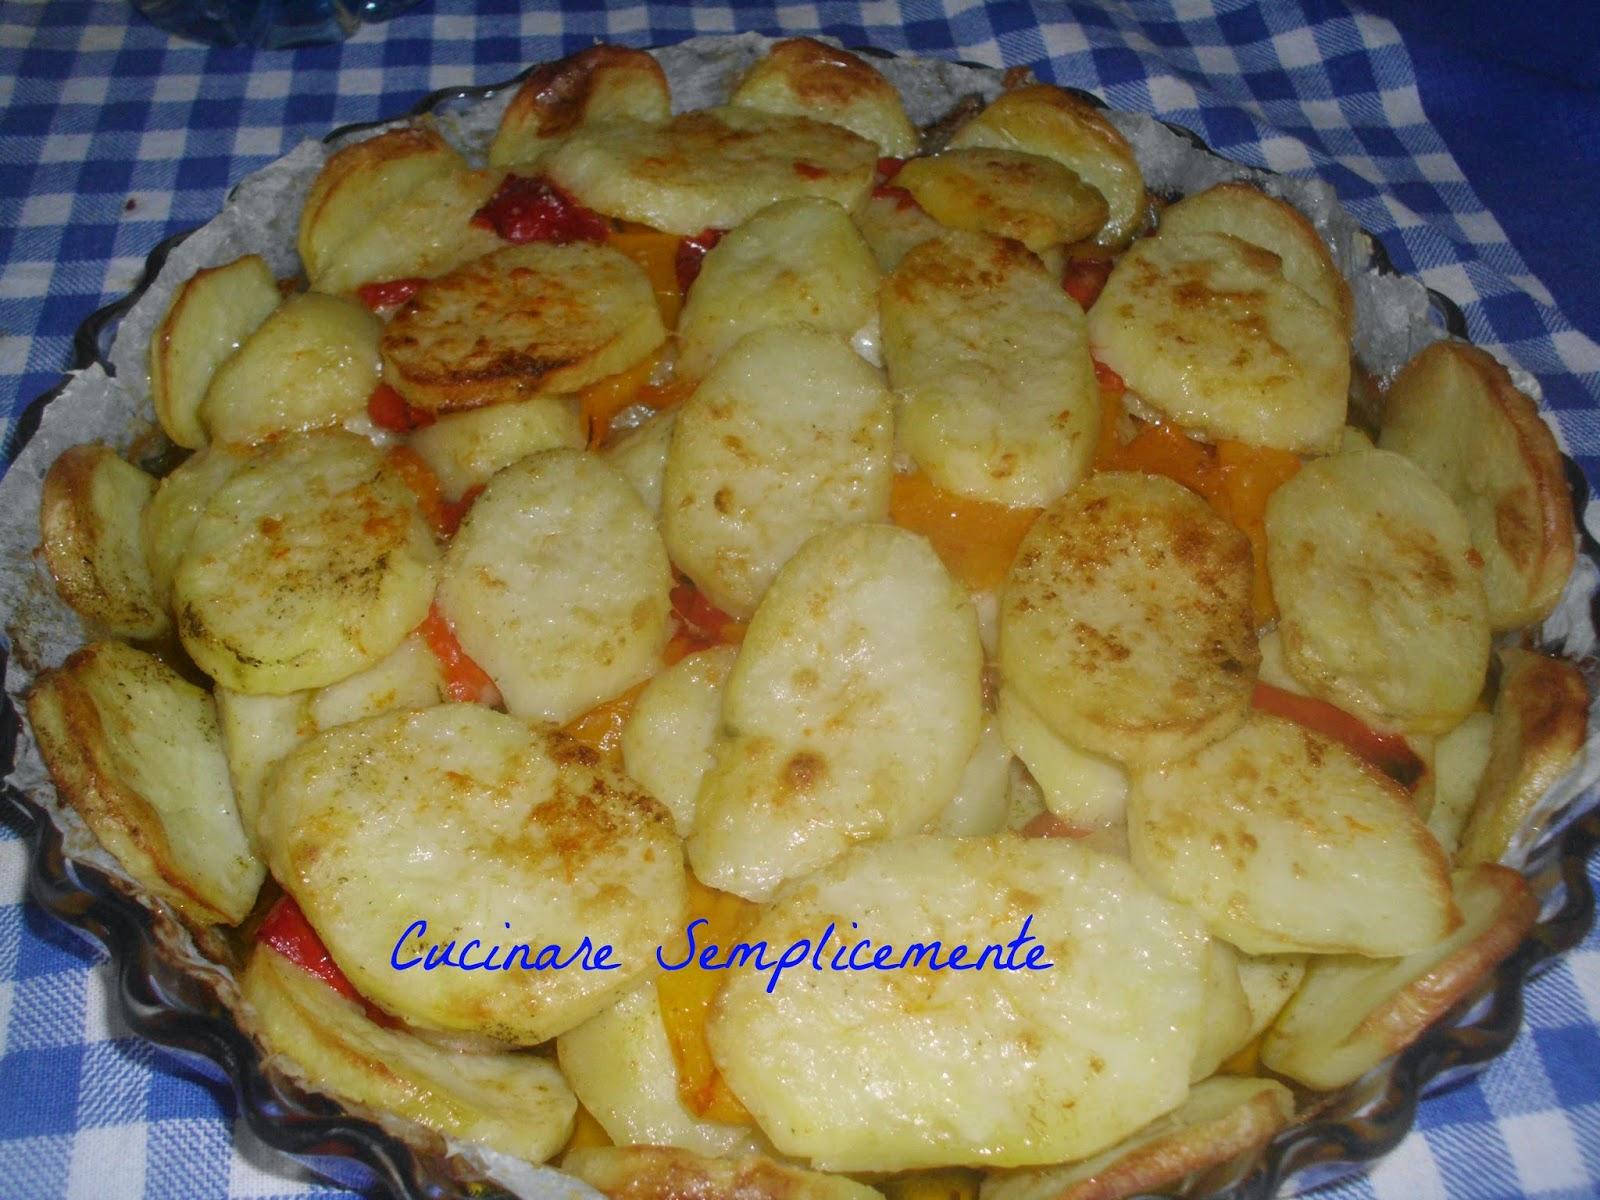 Cucinare semplicemente patate e peperoni a forno - Cucinare i peperoni ...